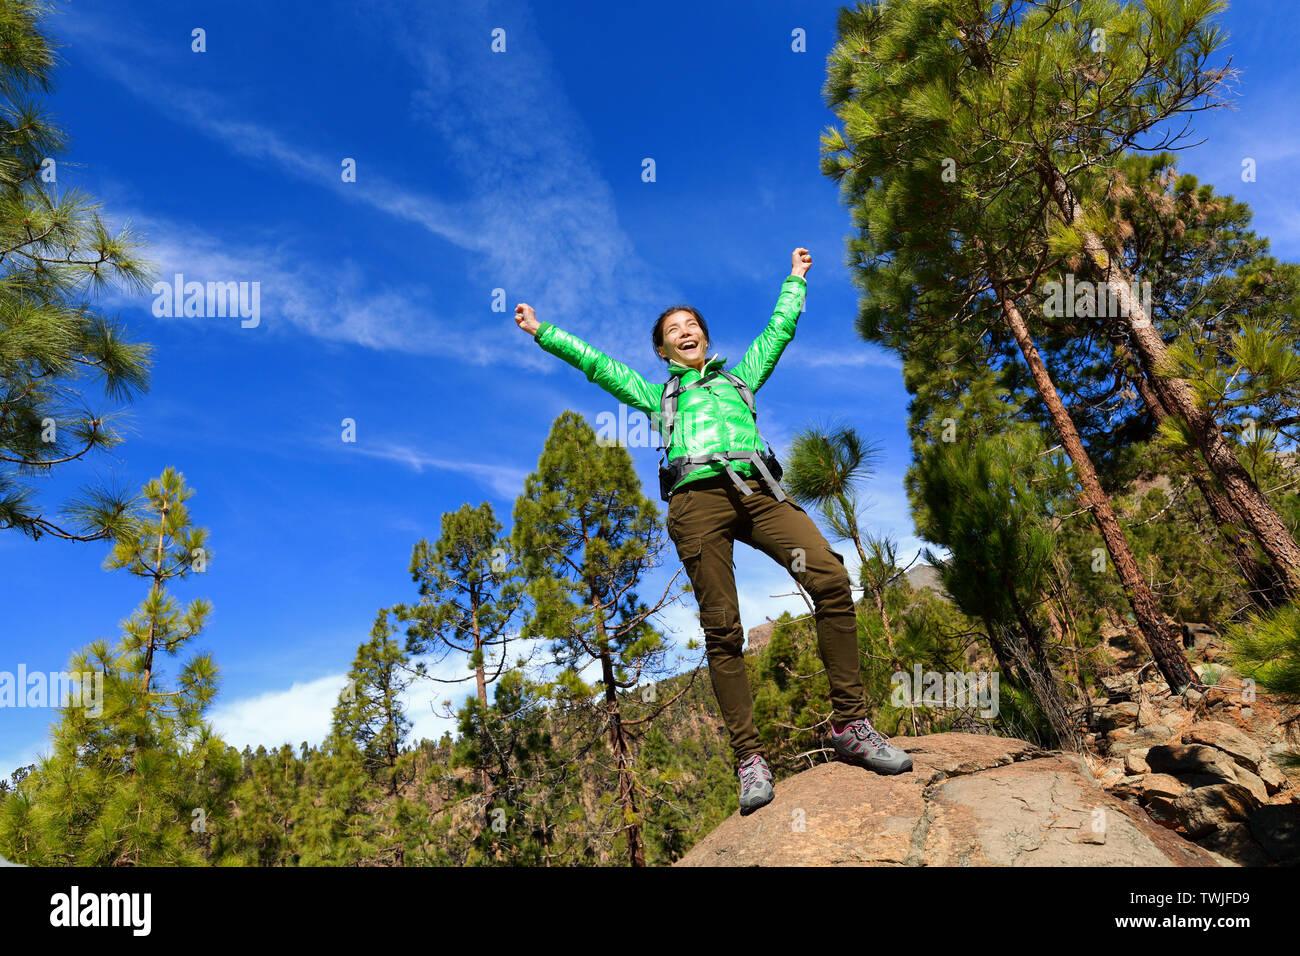 Wandern Frau erreichte Gipfel top Jubel feiern am Berg mit den Armen bis zum Himmel ausgestreckt. Gerne weibliche Wanderer. Stockfoto